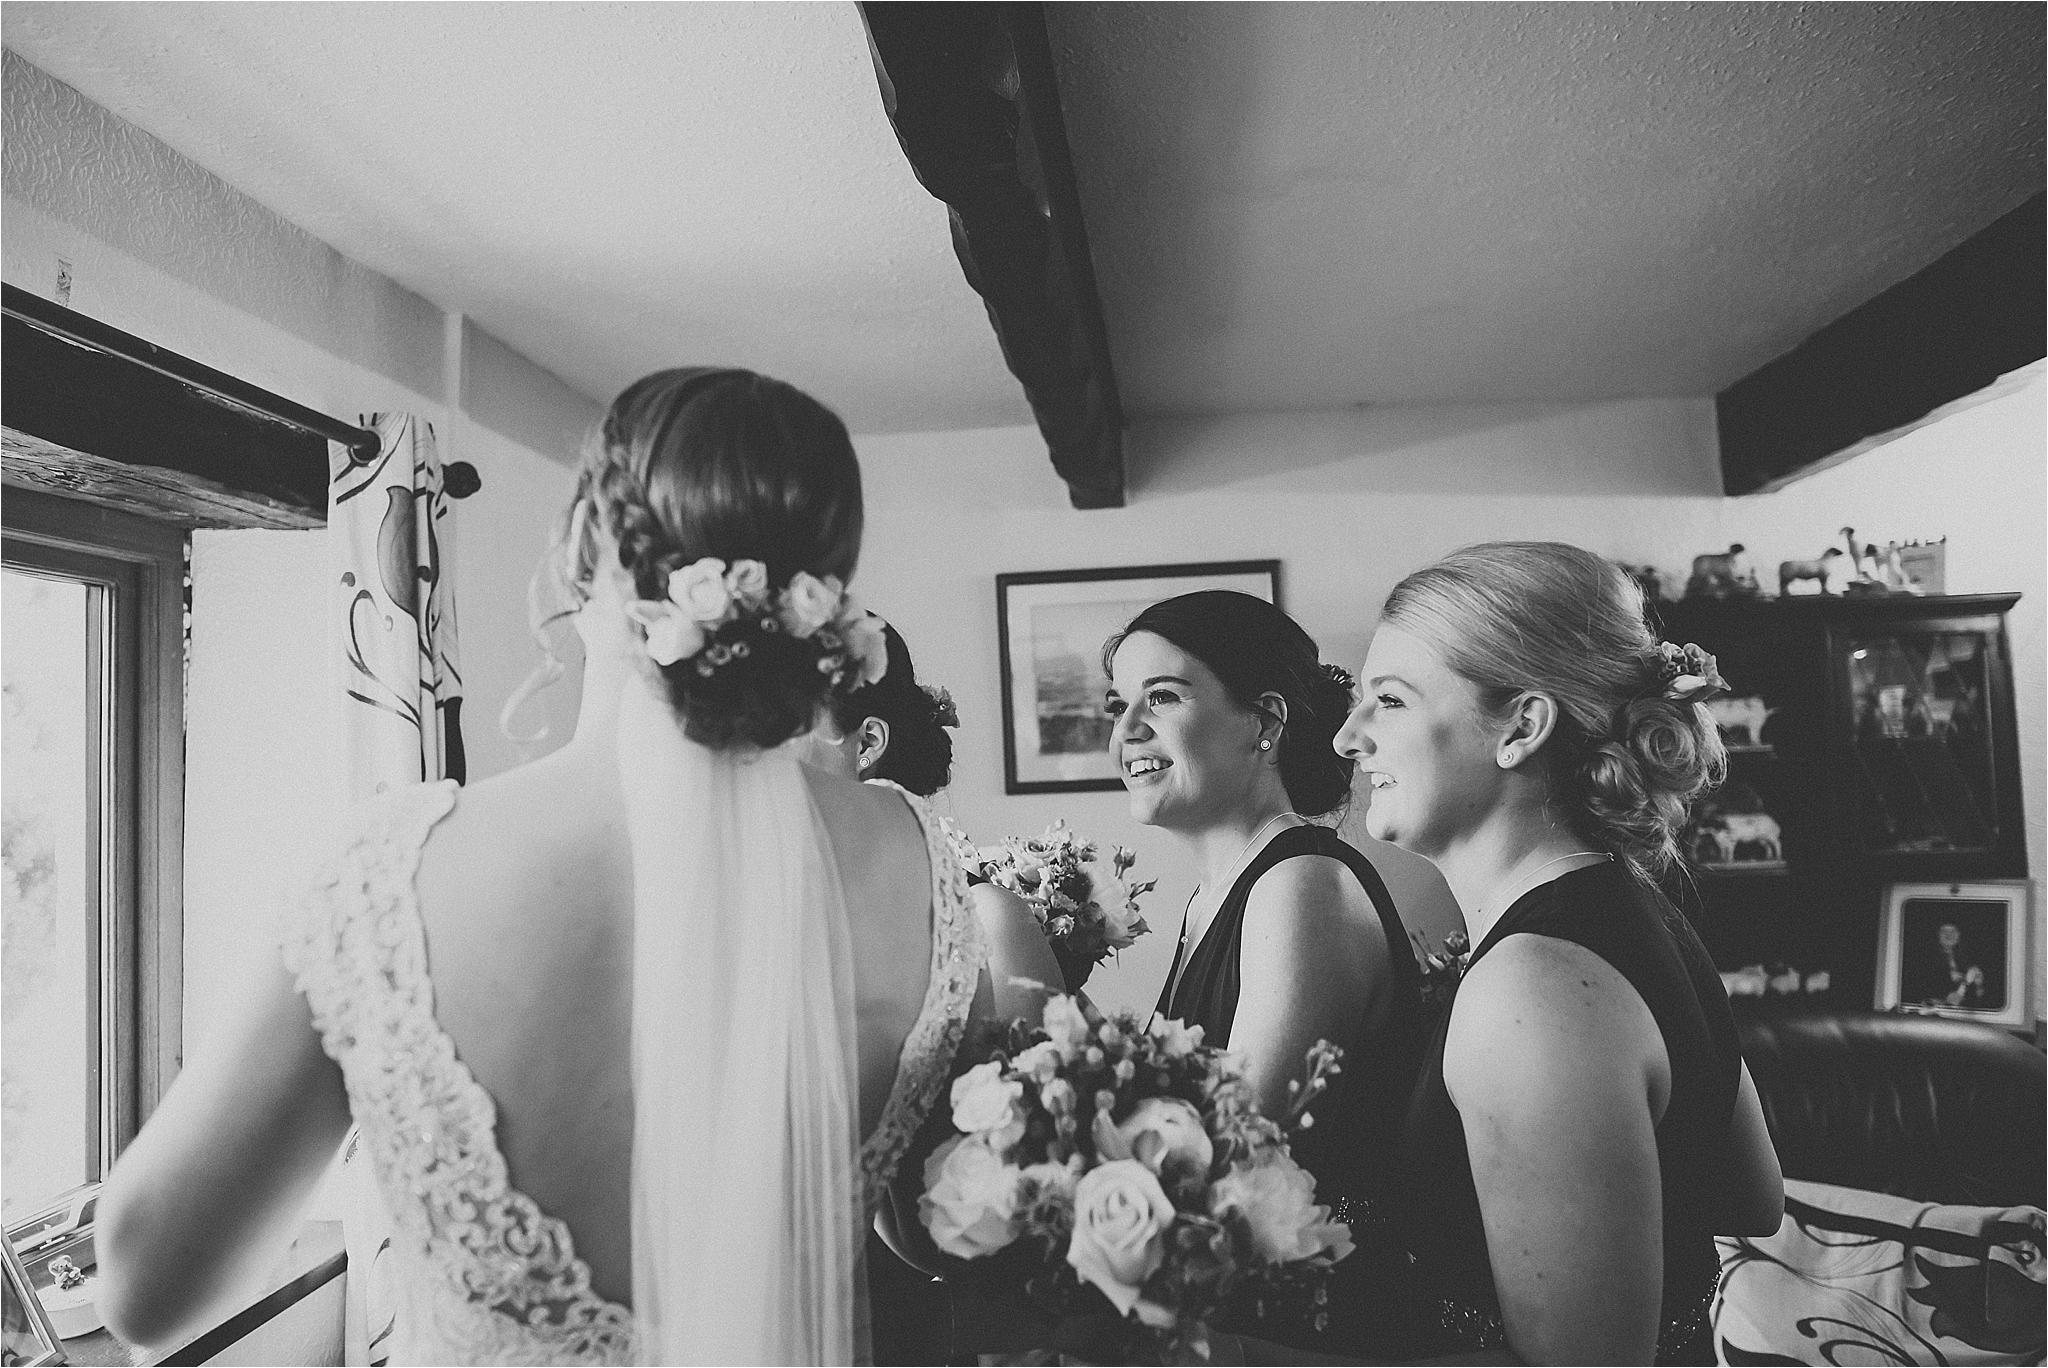 lancashireweddingphotography_0012.jpg